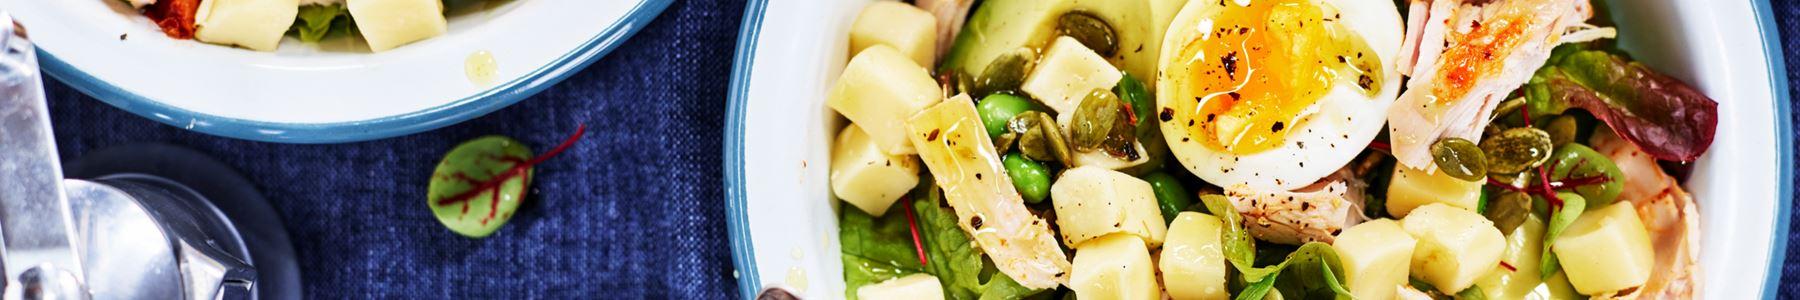 Bönor + Avokado + Grillad